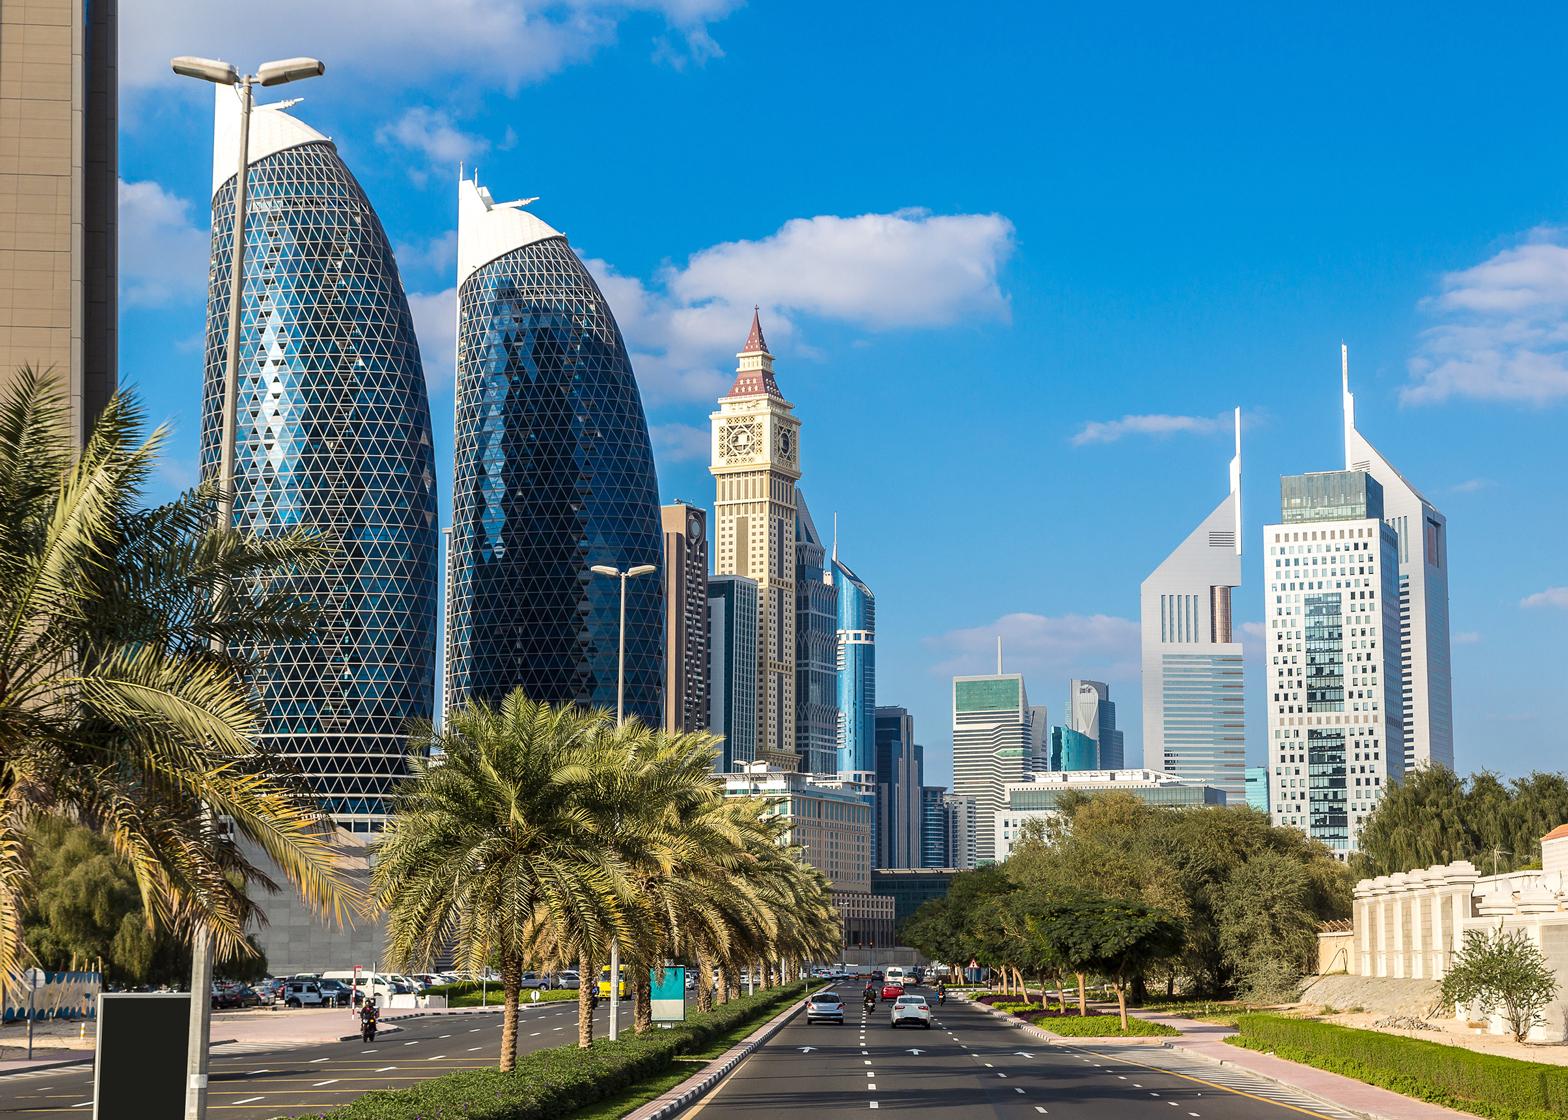 اجمل مدينة في العالم 13 1